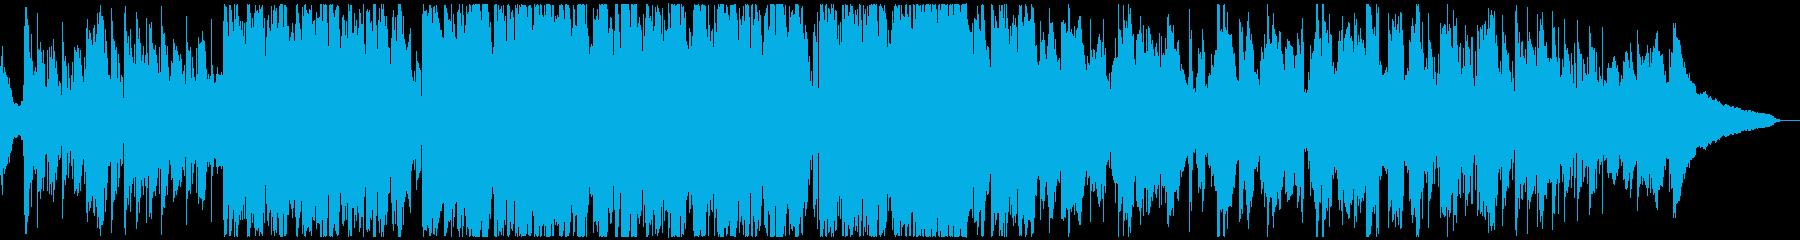 琴 日本 クール インバウンド BGMの再生済みの波形